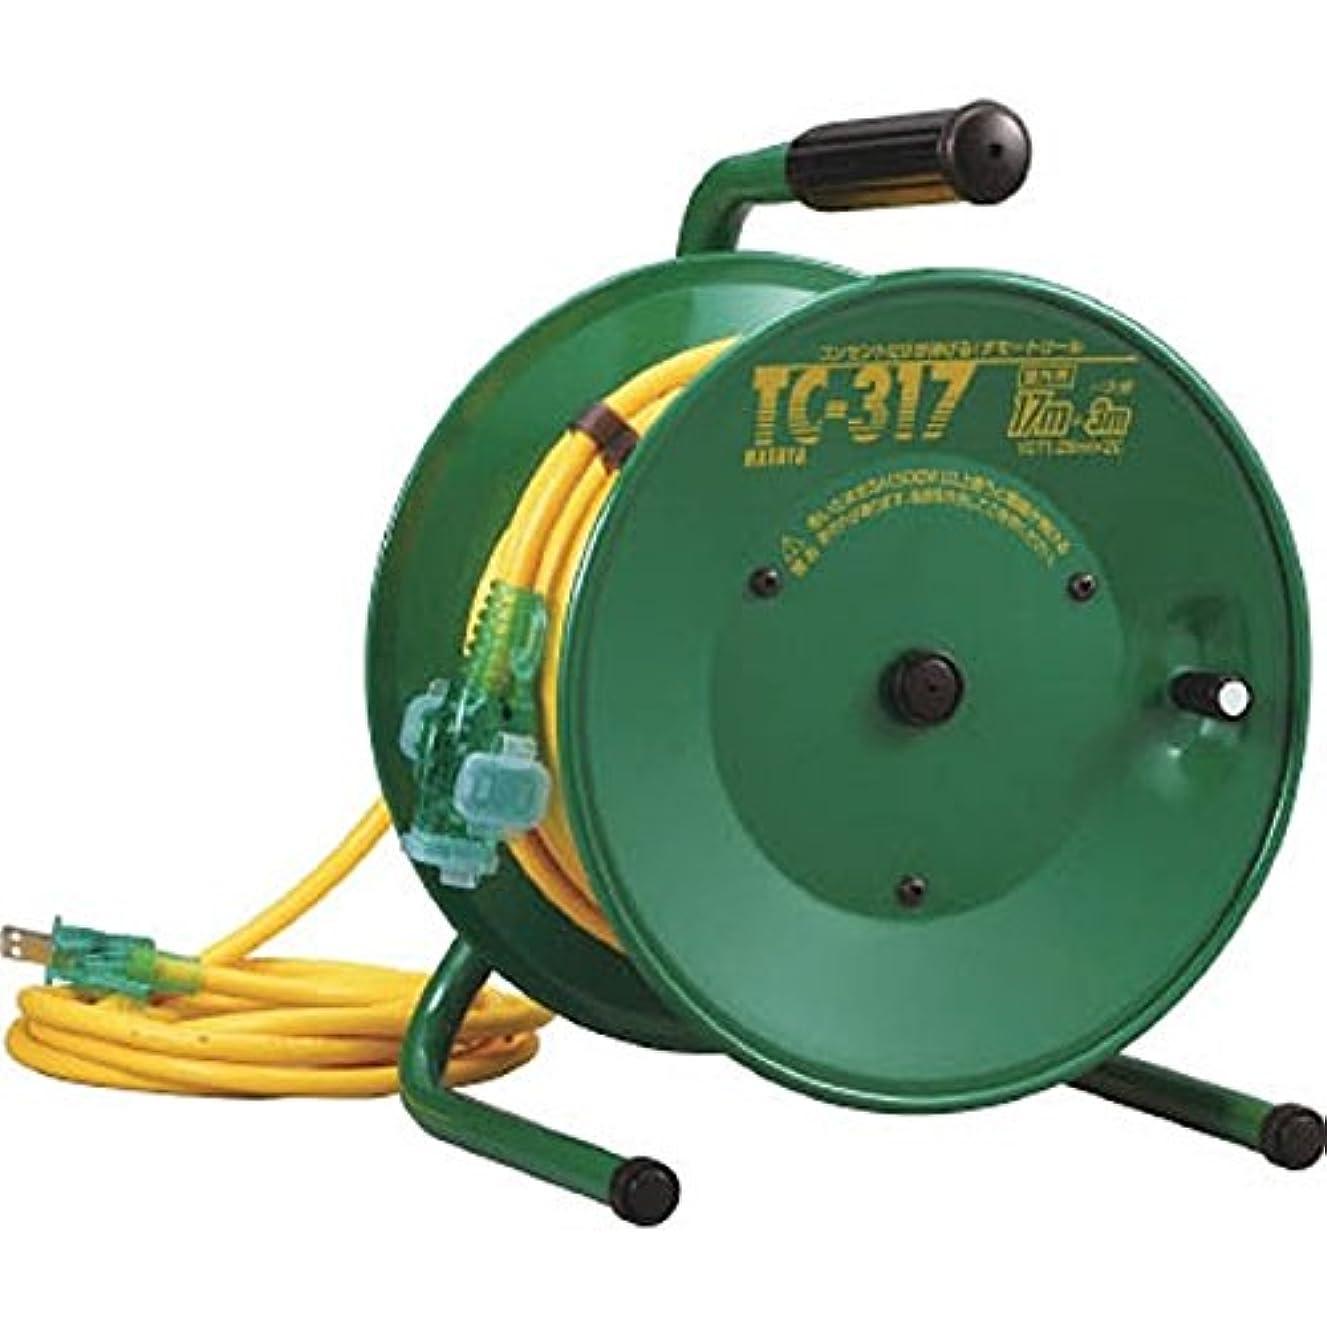 気取らない部分的にワークショップハタヤ 逆配電コードリール単相100V17+3m TC317 [その他]